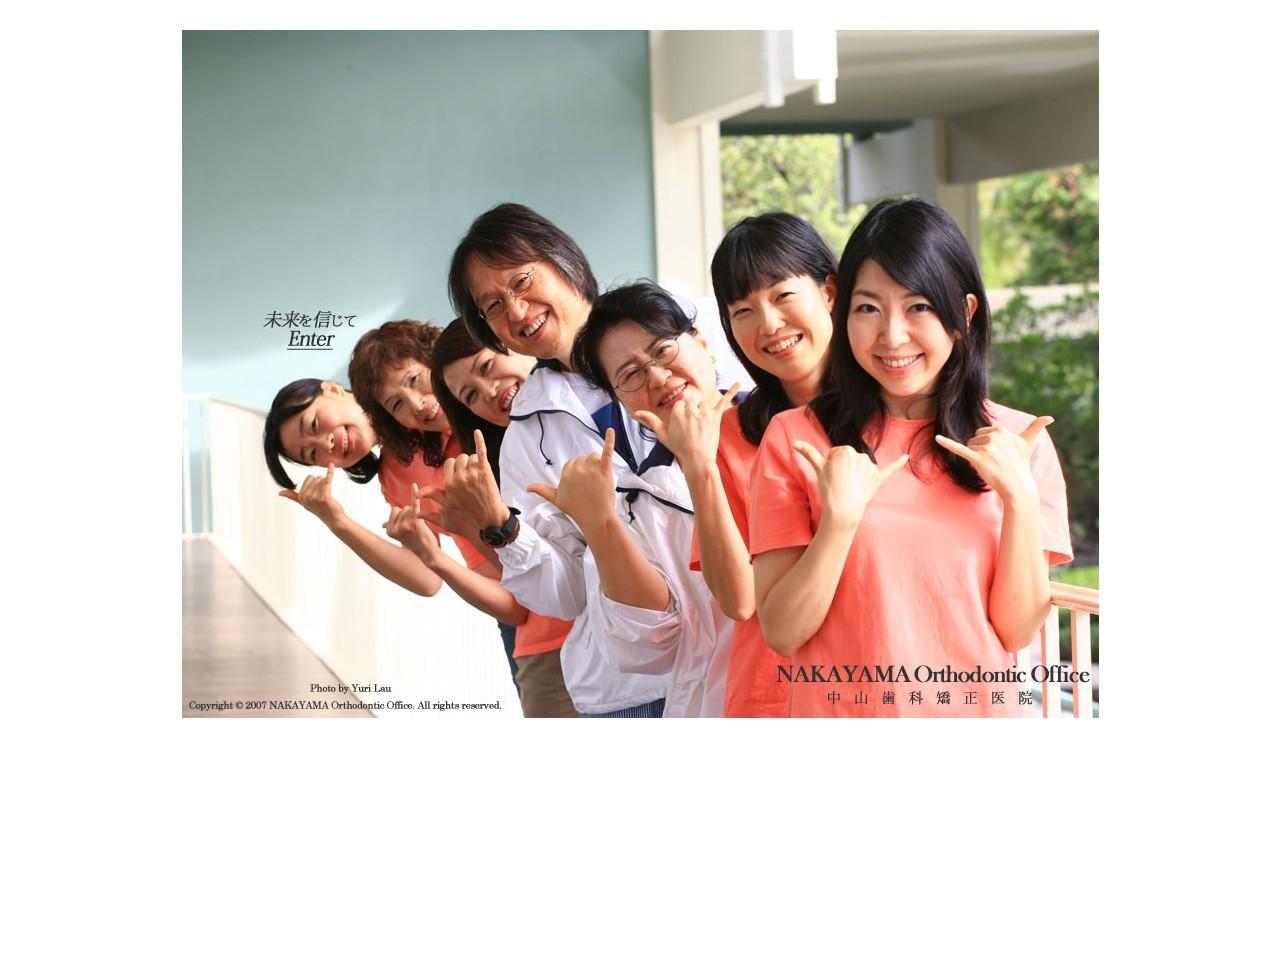 中山歯科矯正医院 (福島県いわき市)